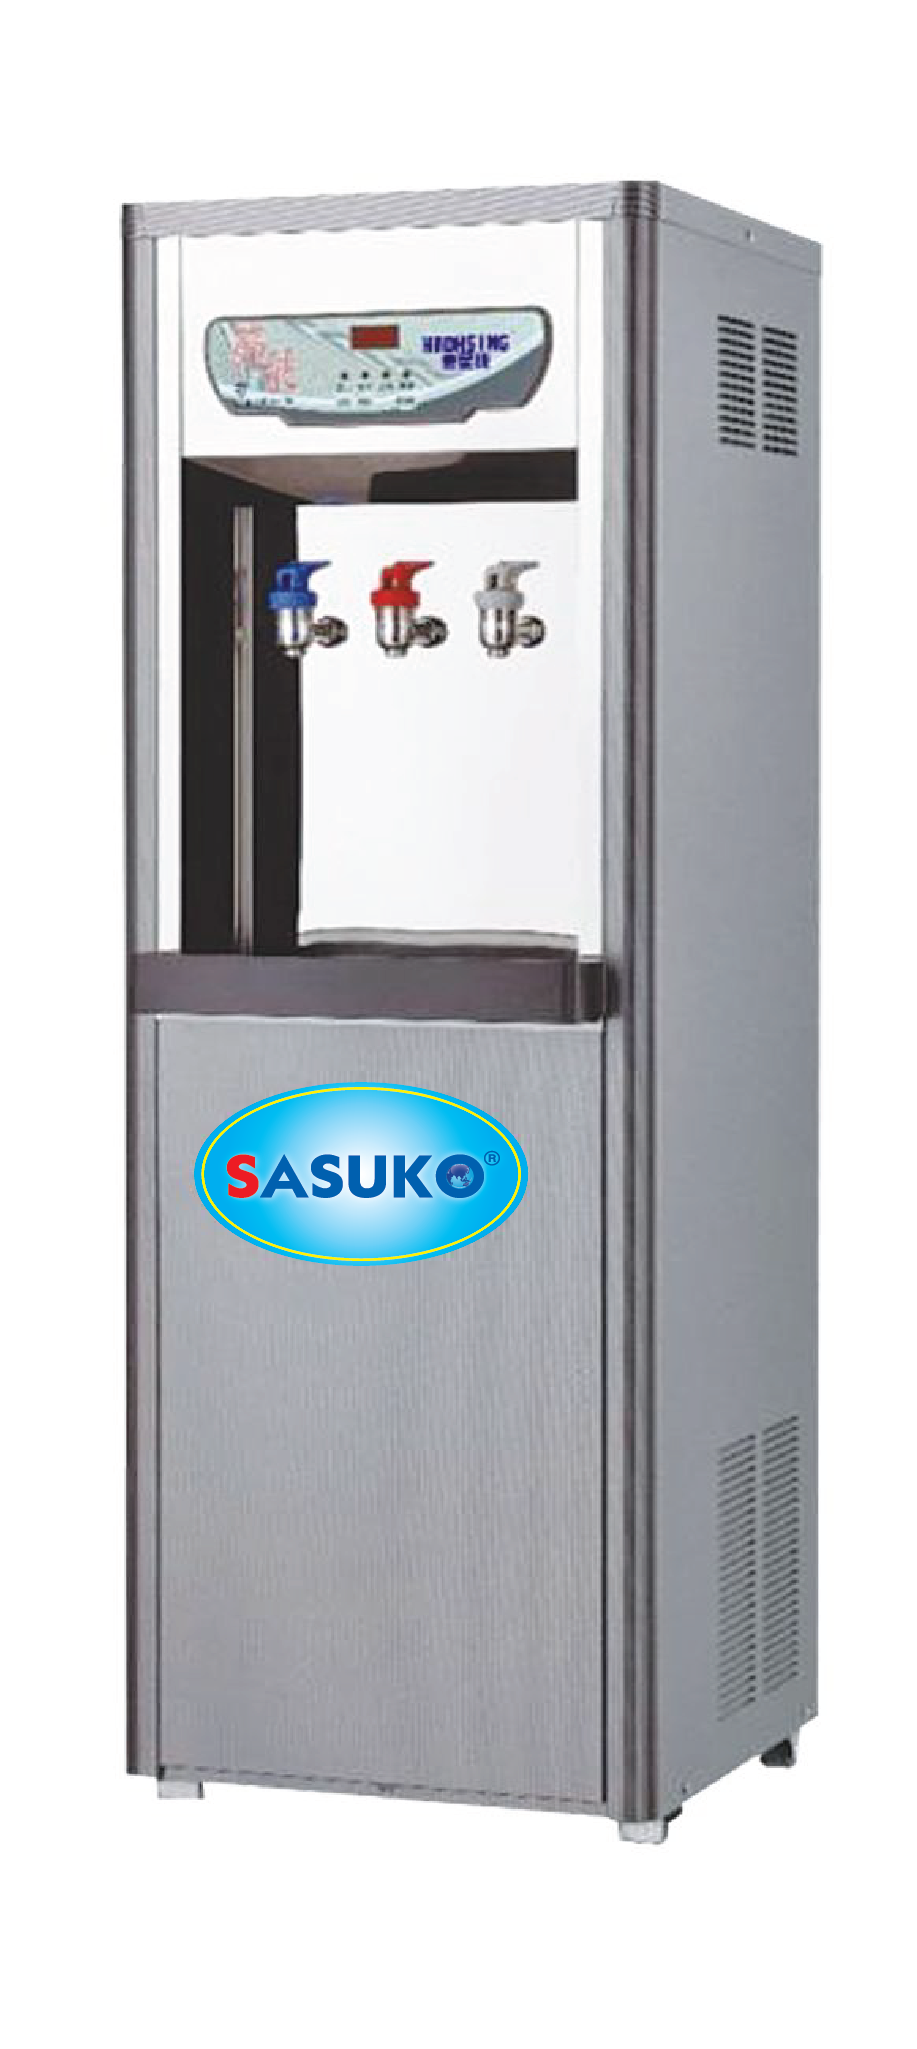 catalogue-sasuko-06